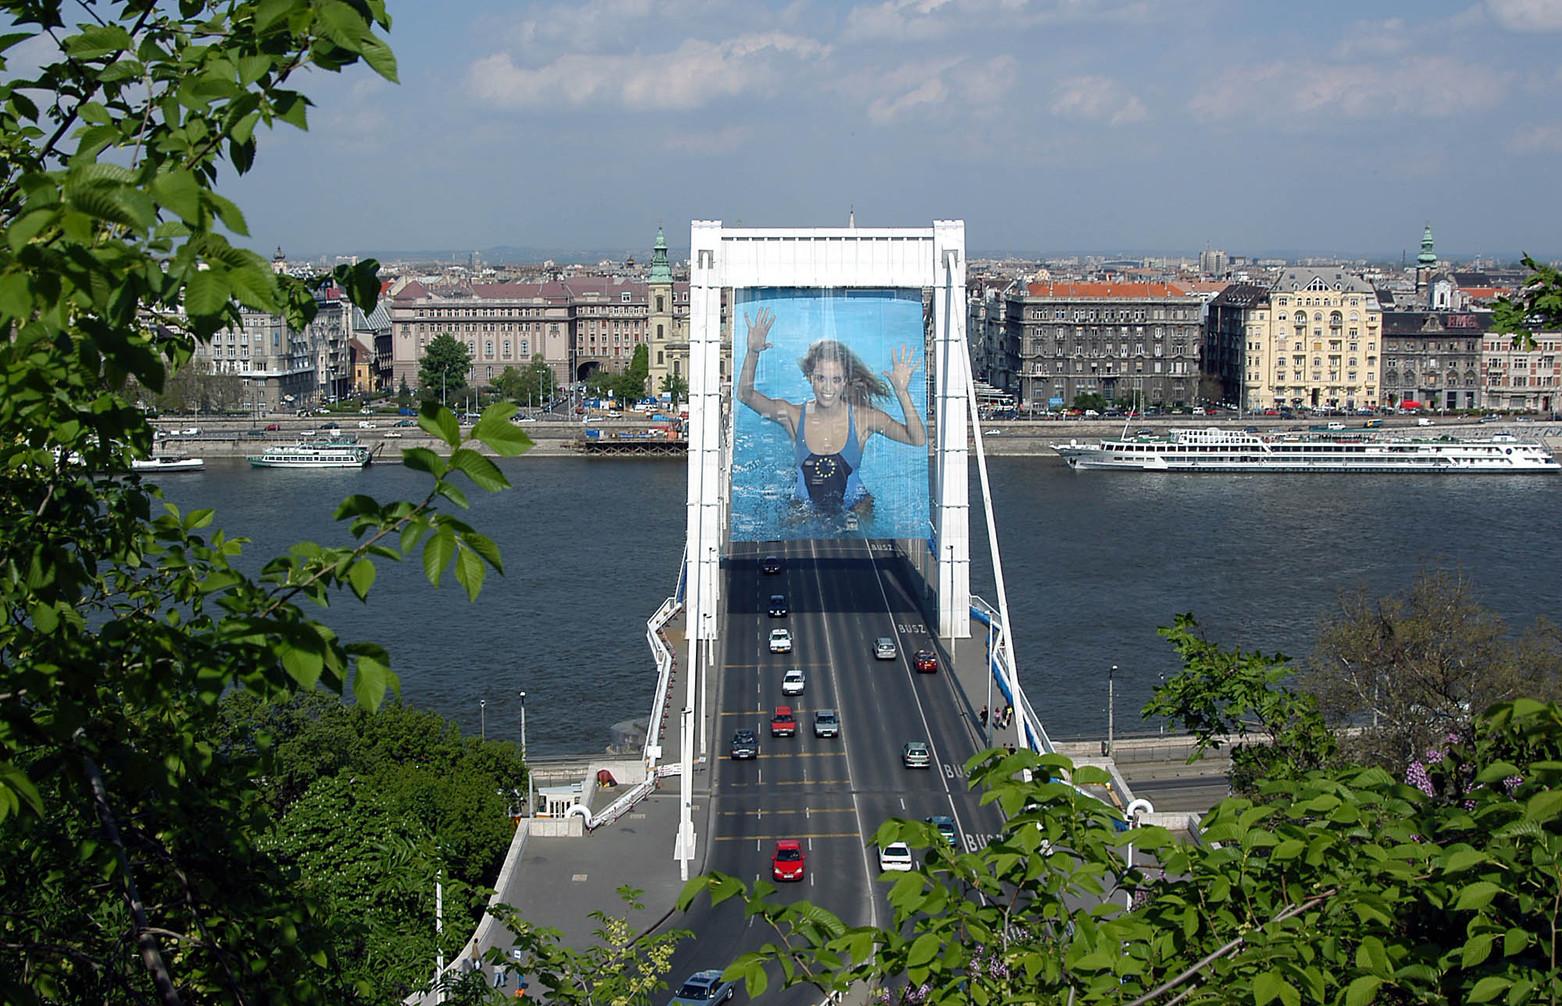 Budapest, 2004. április 29. Az uniós csatlakozás tiszteletére óriásplakátokkal díszítik fel az Erzsébet hidat. MTI Fotó: Honéczy Barnabás